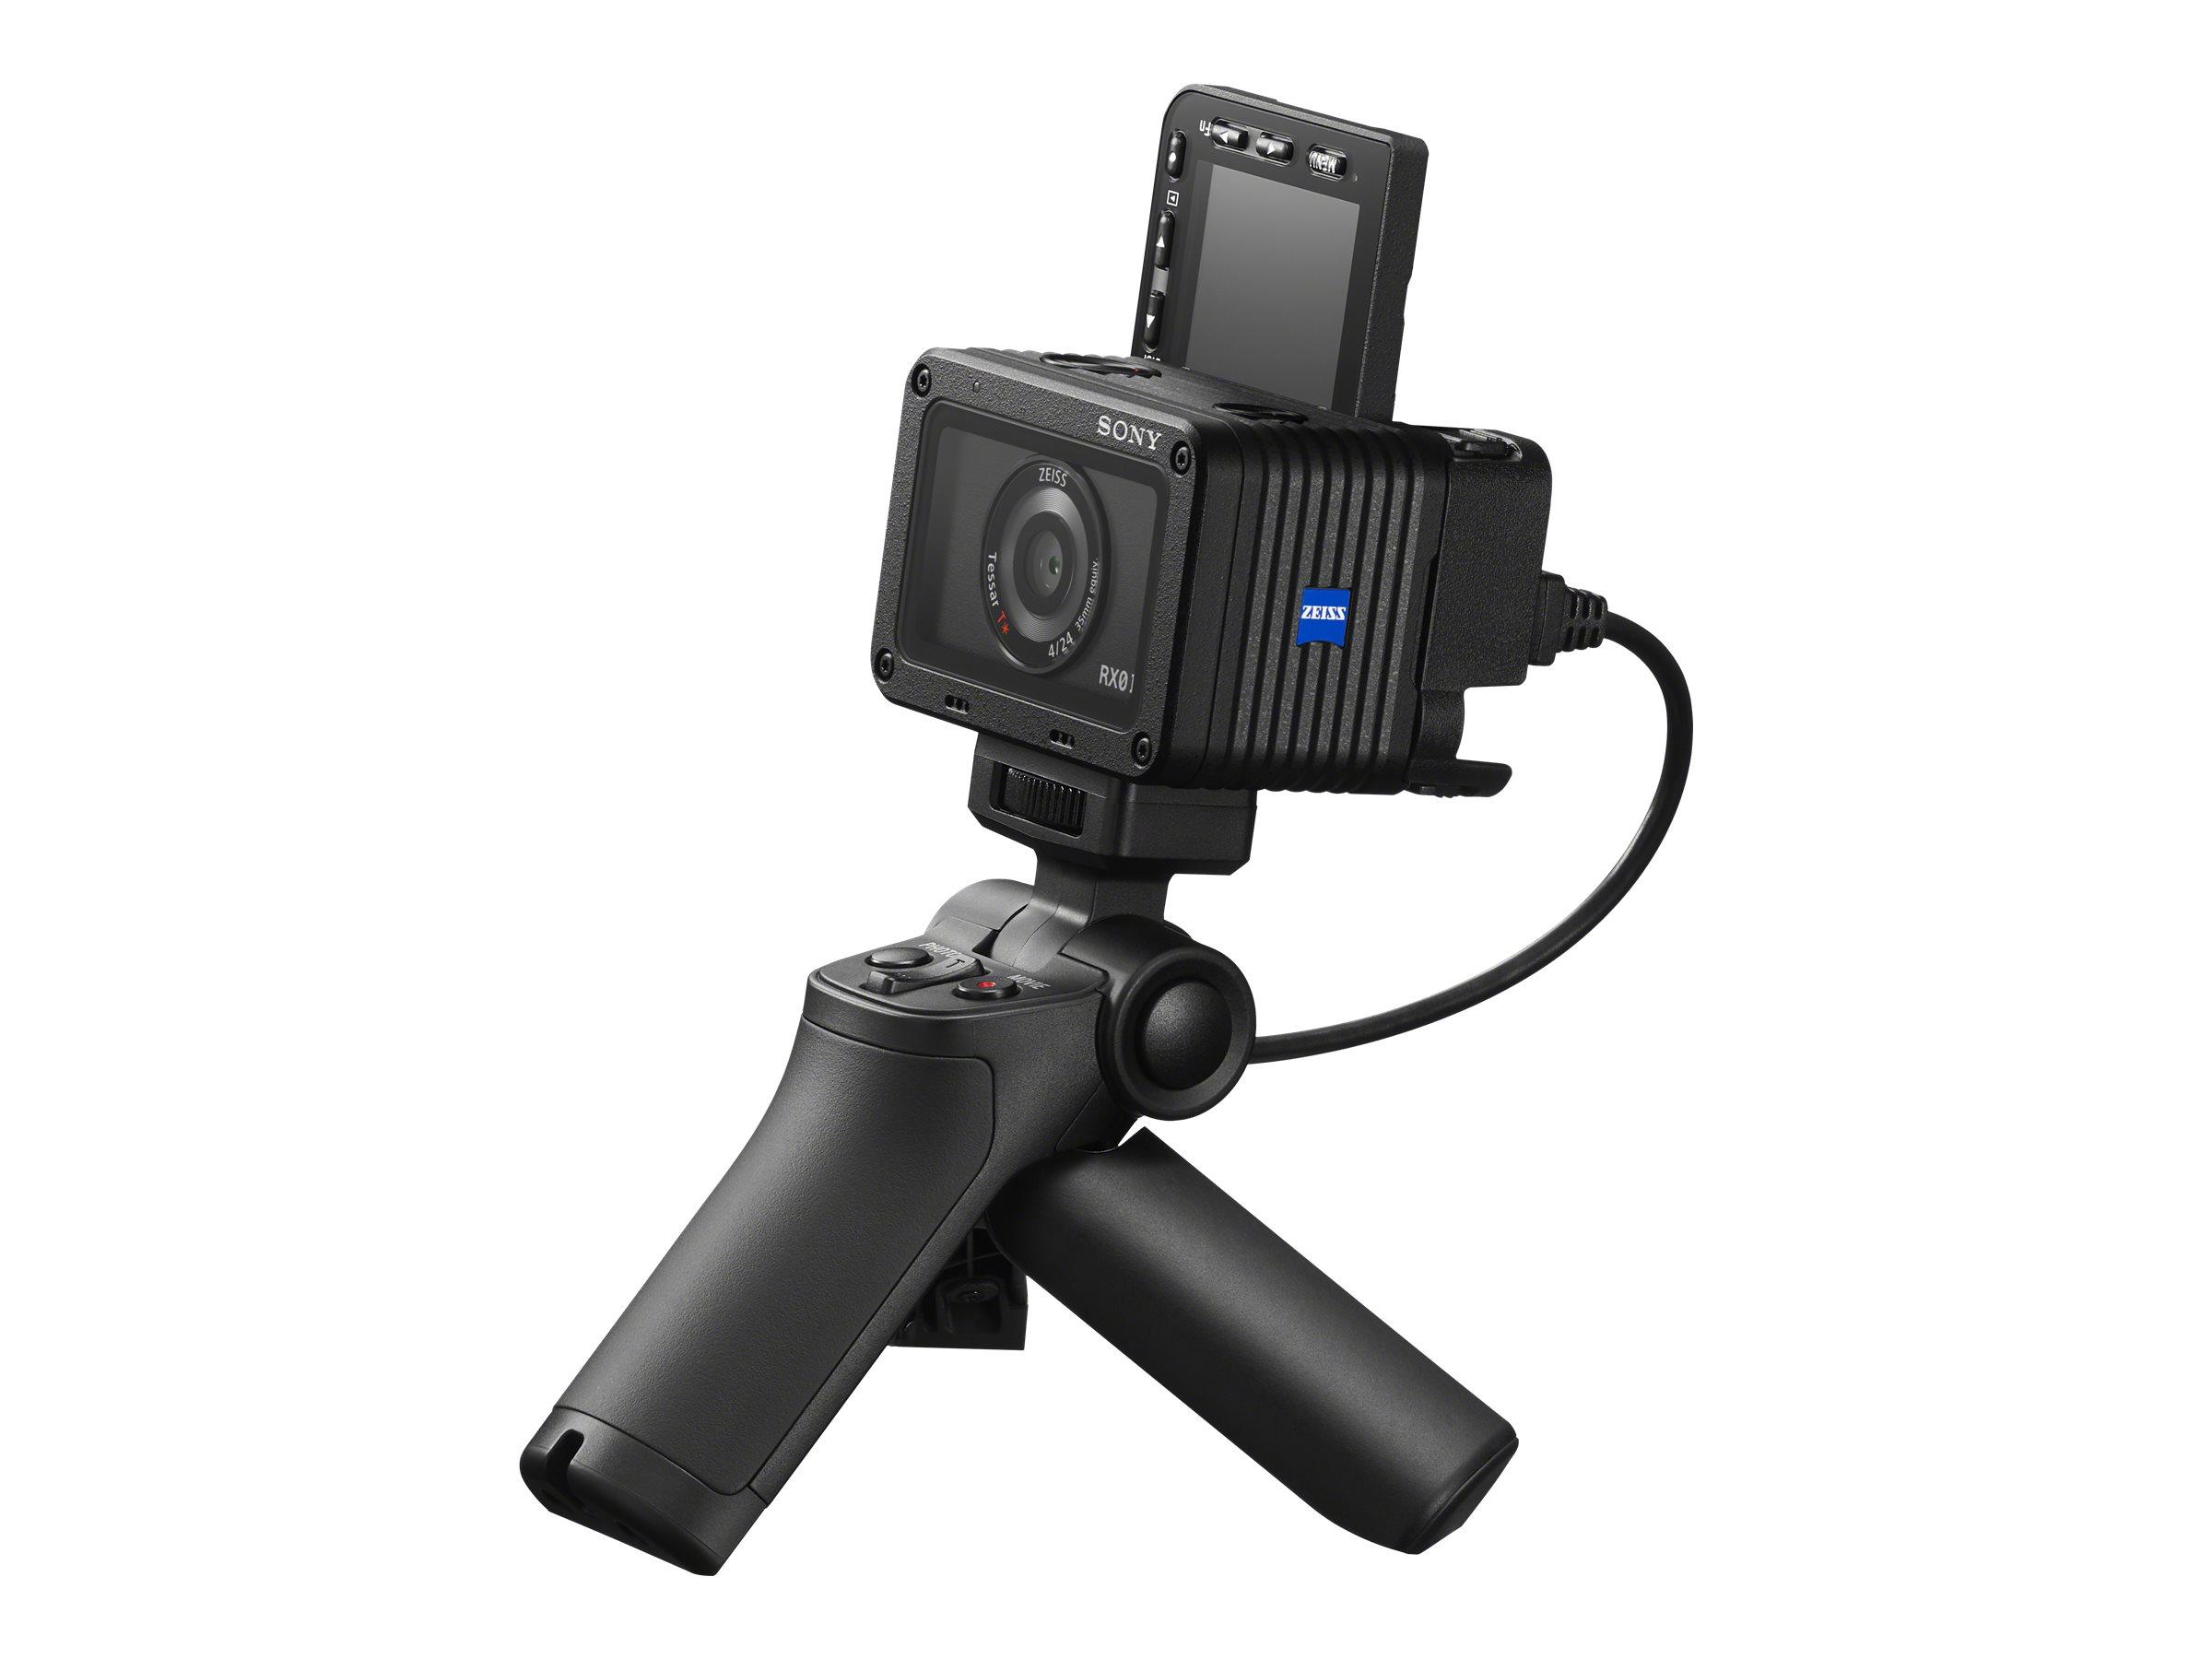 Sony RX0 II - Action-Kamera - 4K / 30 BpS - 15.3 MPix - Carl Zeiss - Wi-Fi, Bluetooth